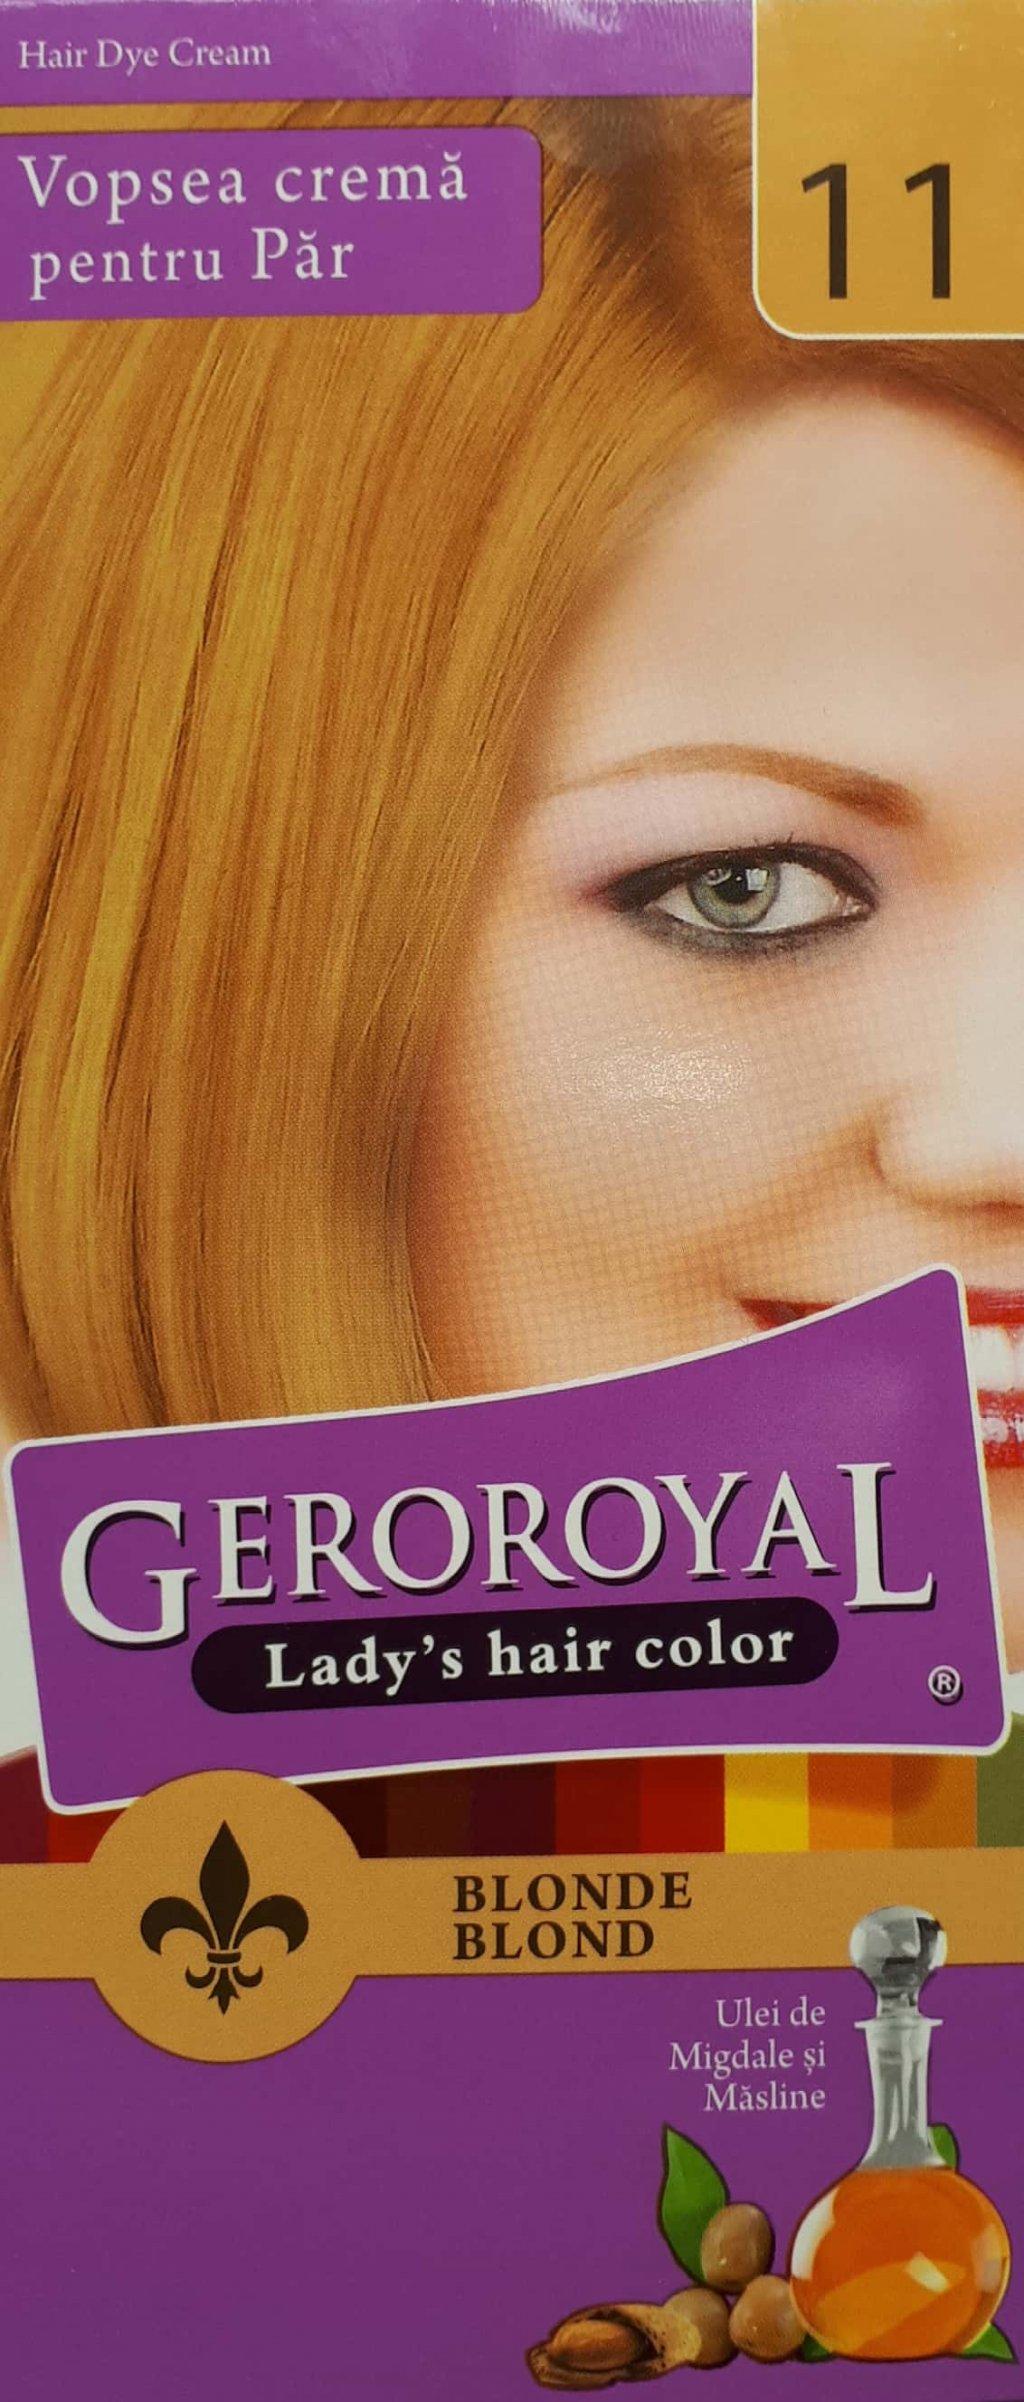 Vopsea crema pentru par Geroroyal Blond 11